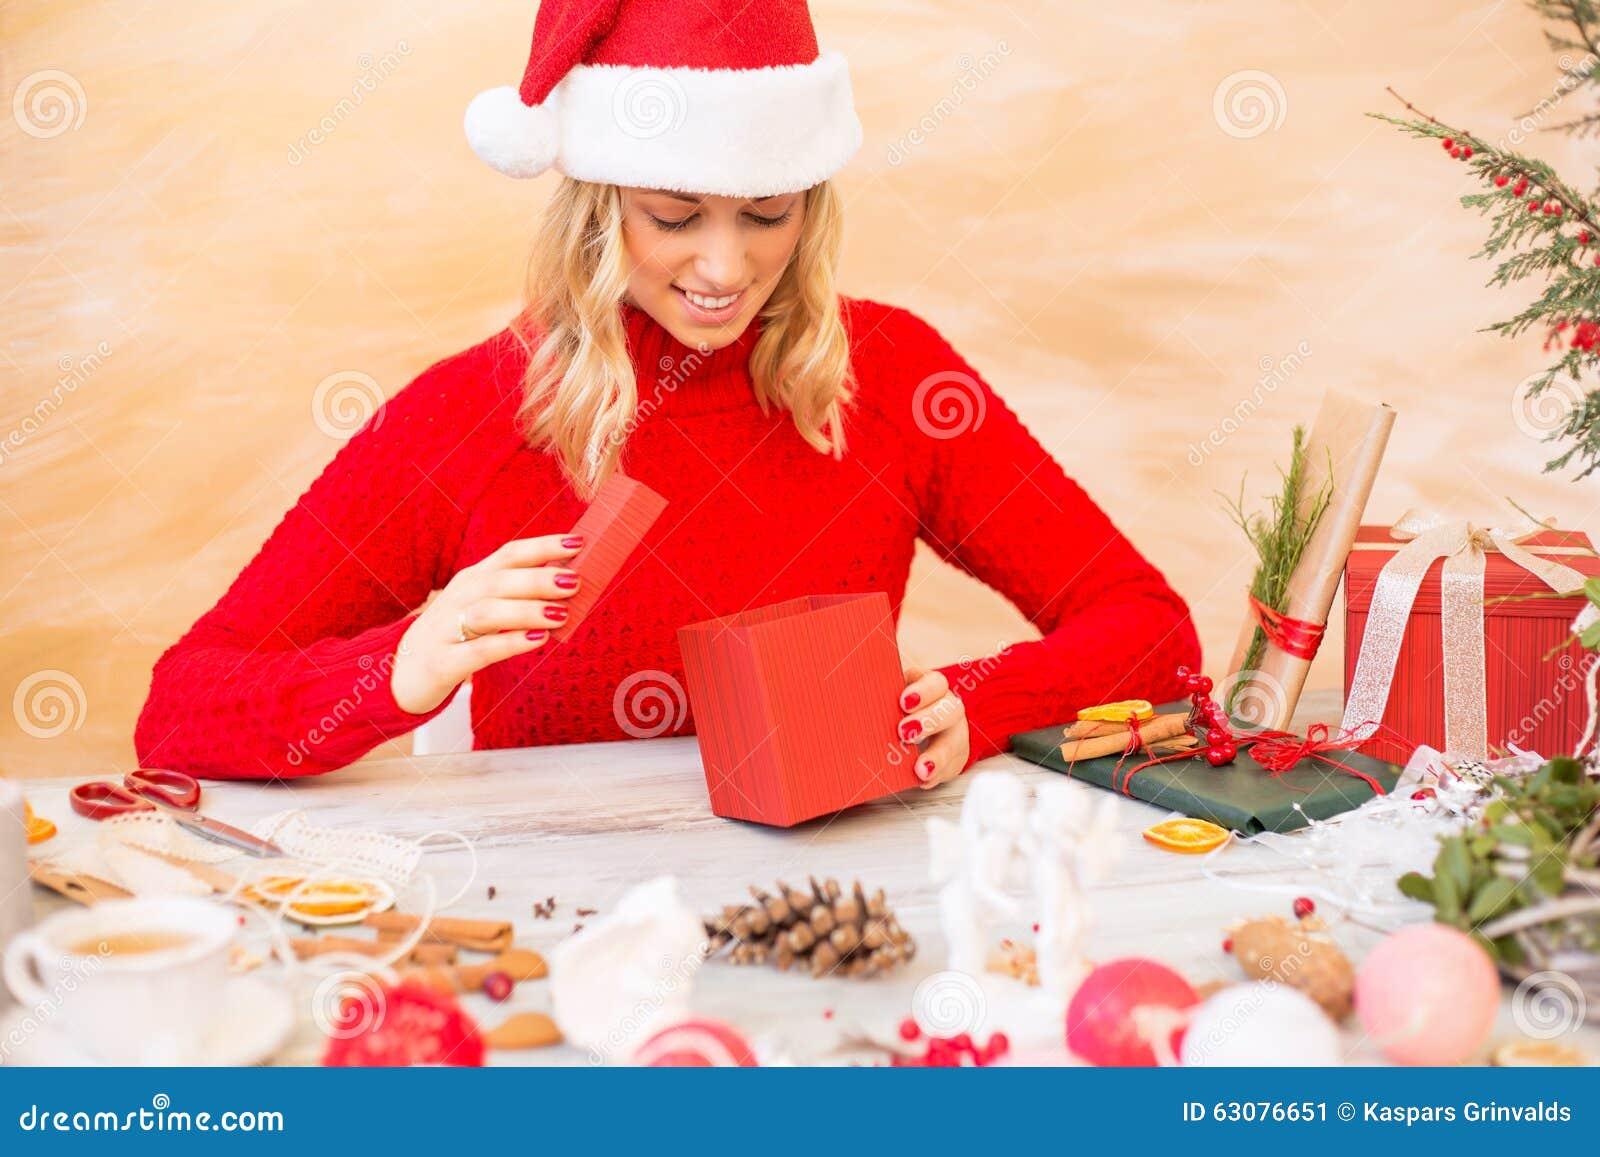 Download Femme Préparant Des Cadeaux De Noël Image stock - Image du créateur, image: 63076651